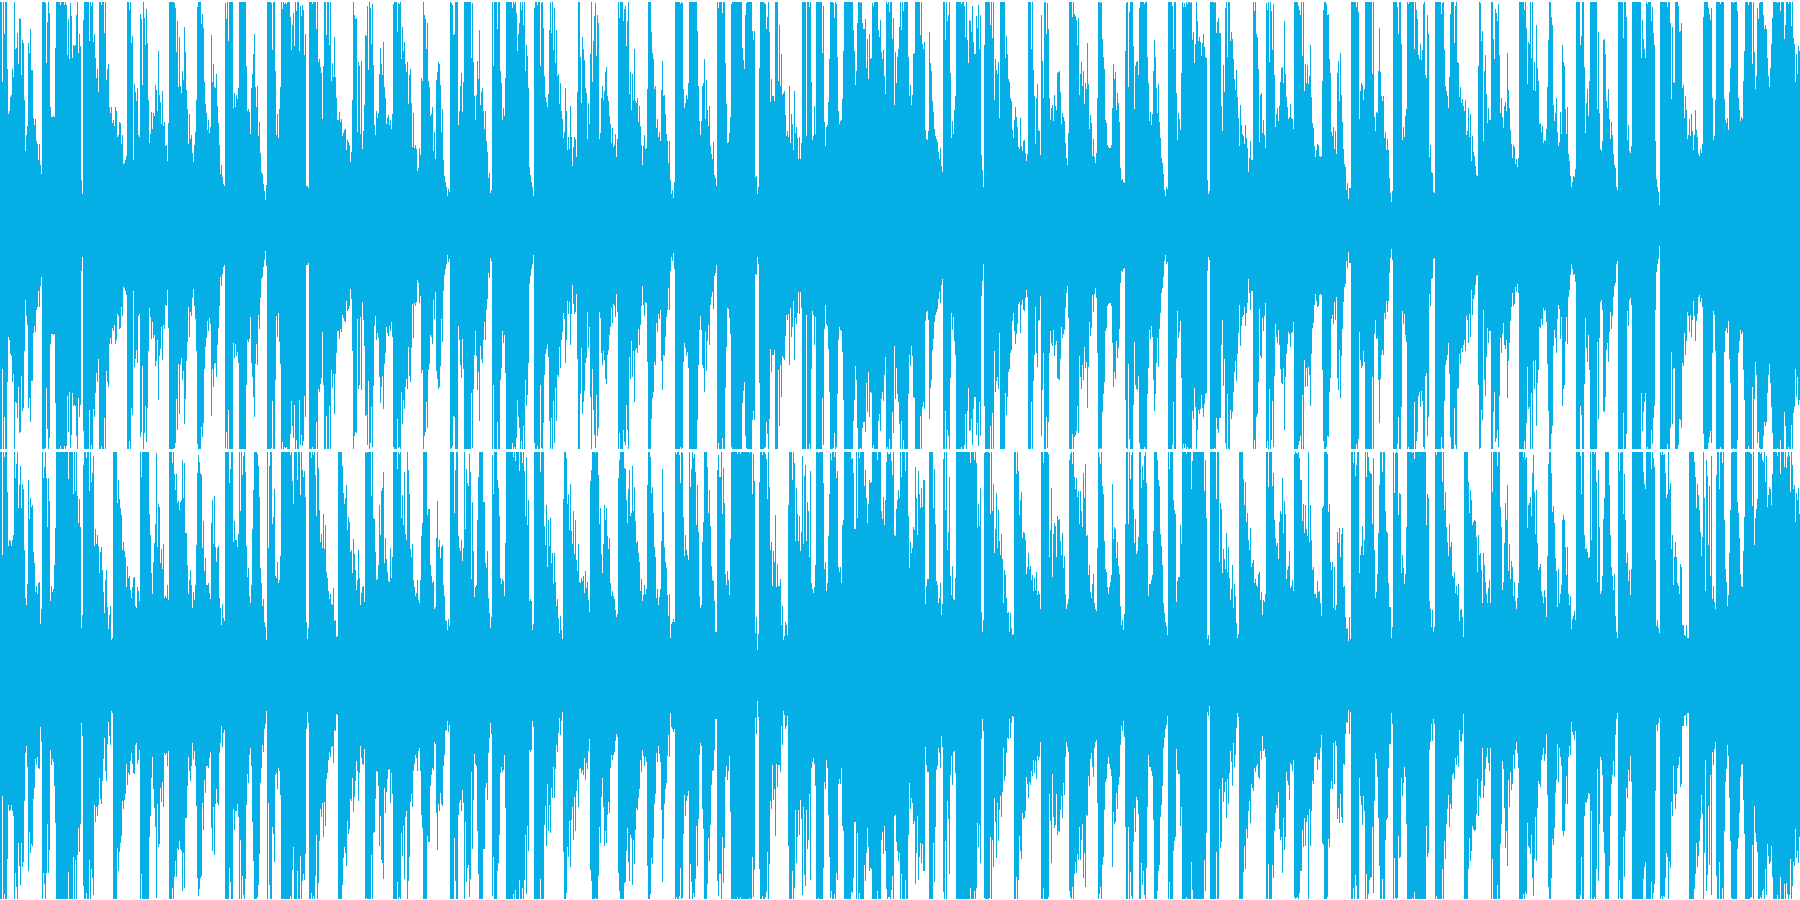 メニュー、キャラ選択等(ループ・20秒)の再生済みの波形